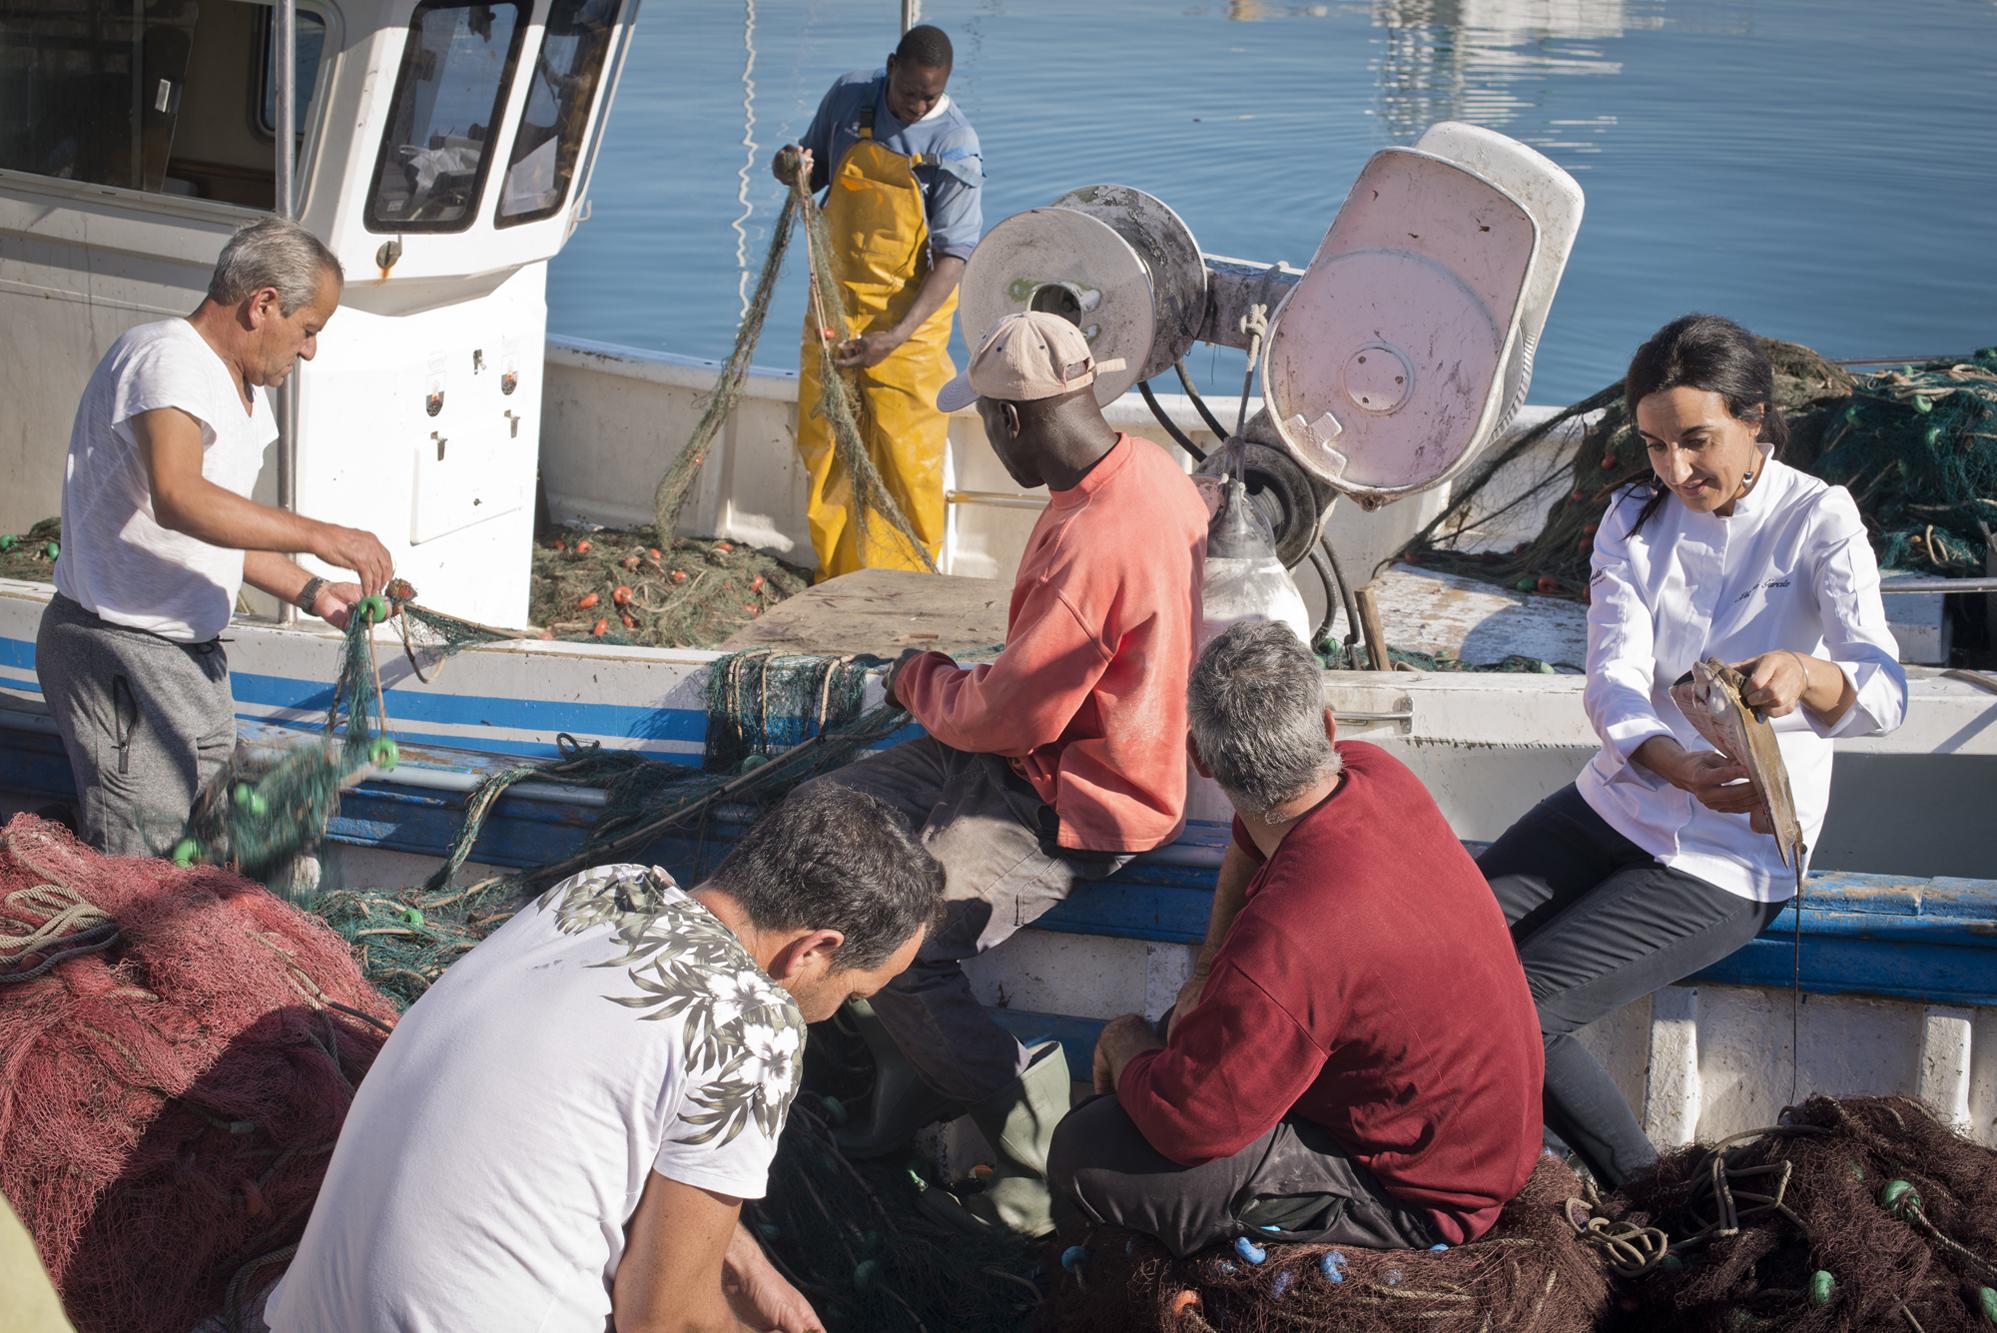 ¿Qué trae hoy el mar? 'Casa Alejandro' está justo frente al puerto de Roquetas.